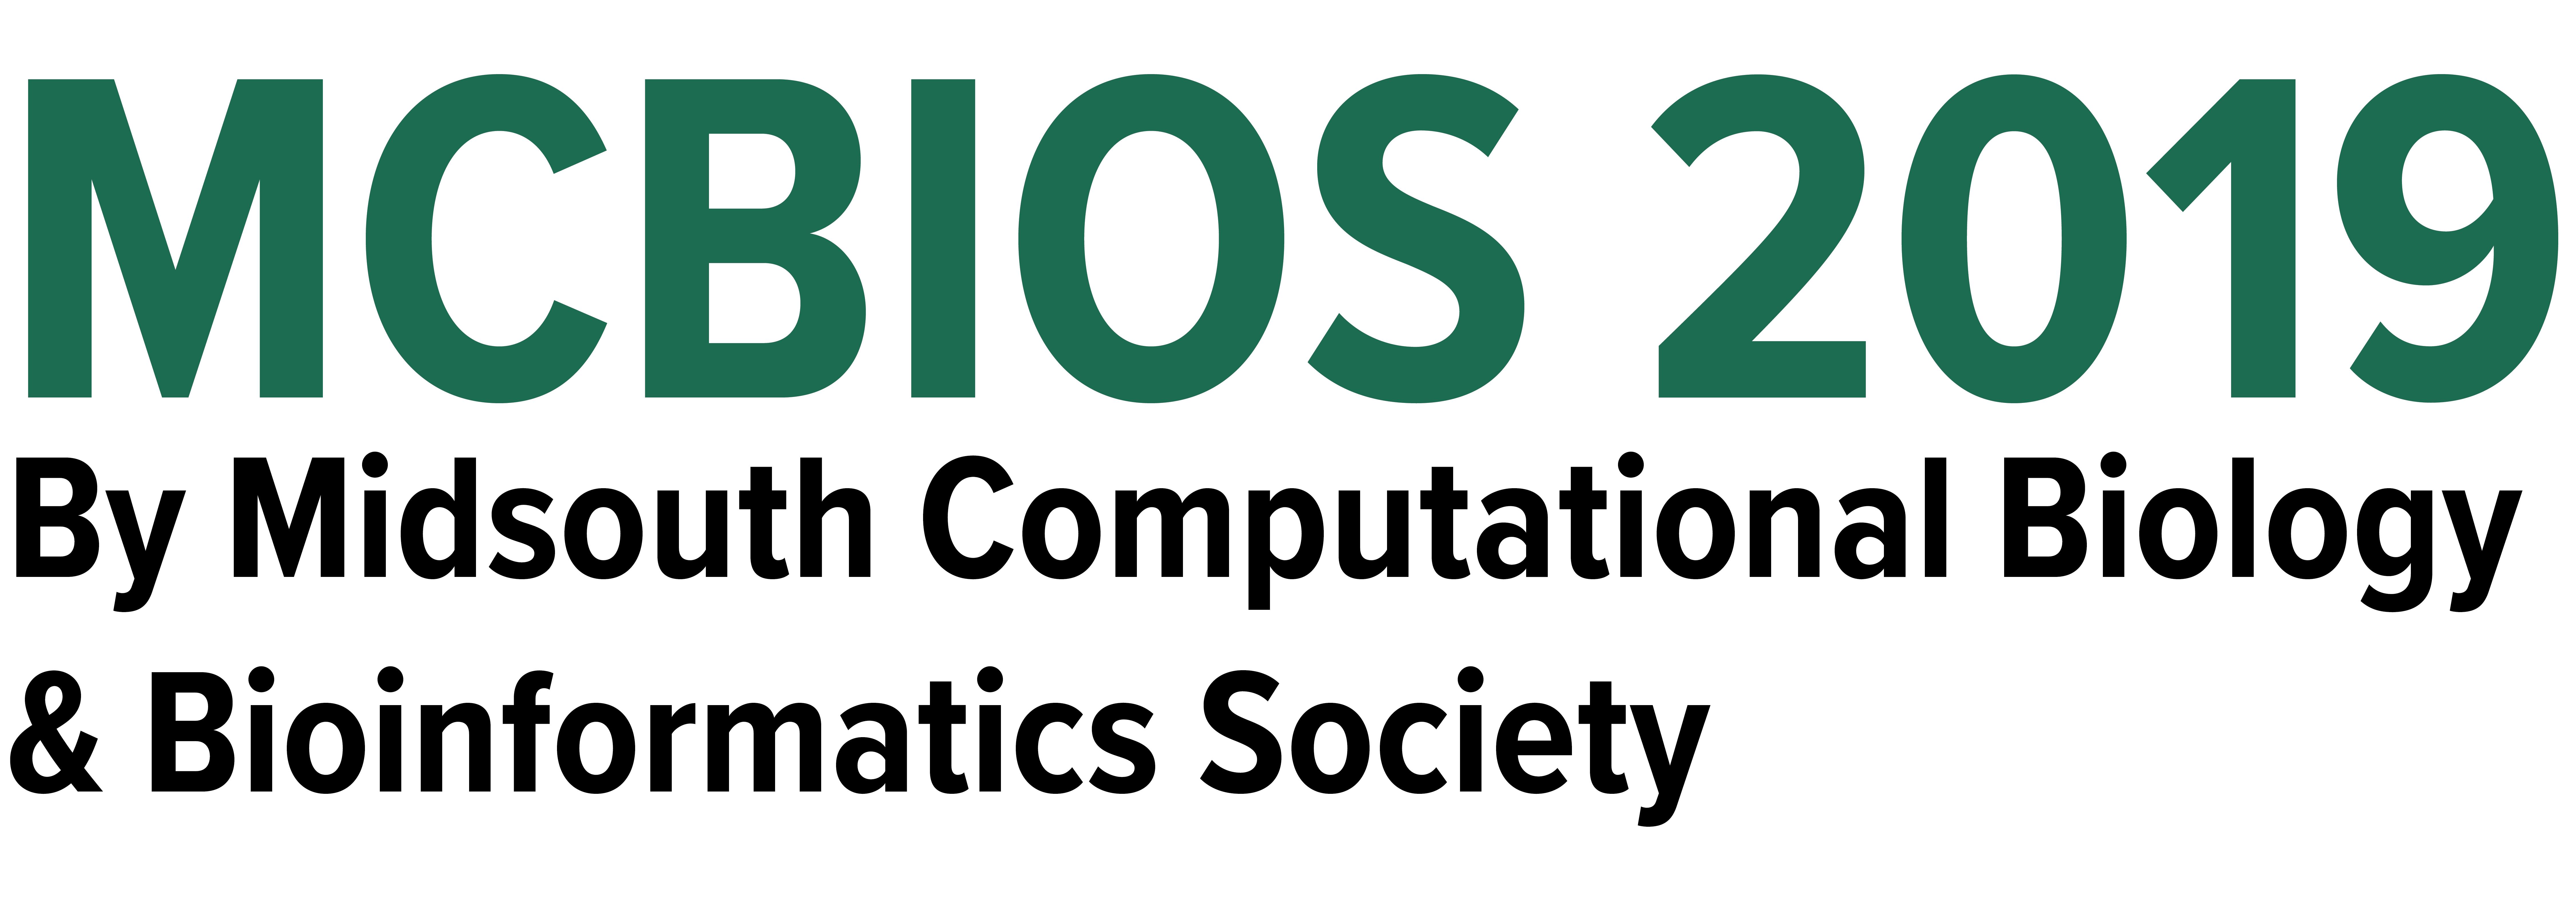 MCBIOS19